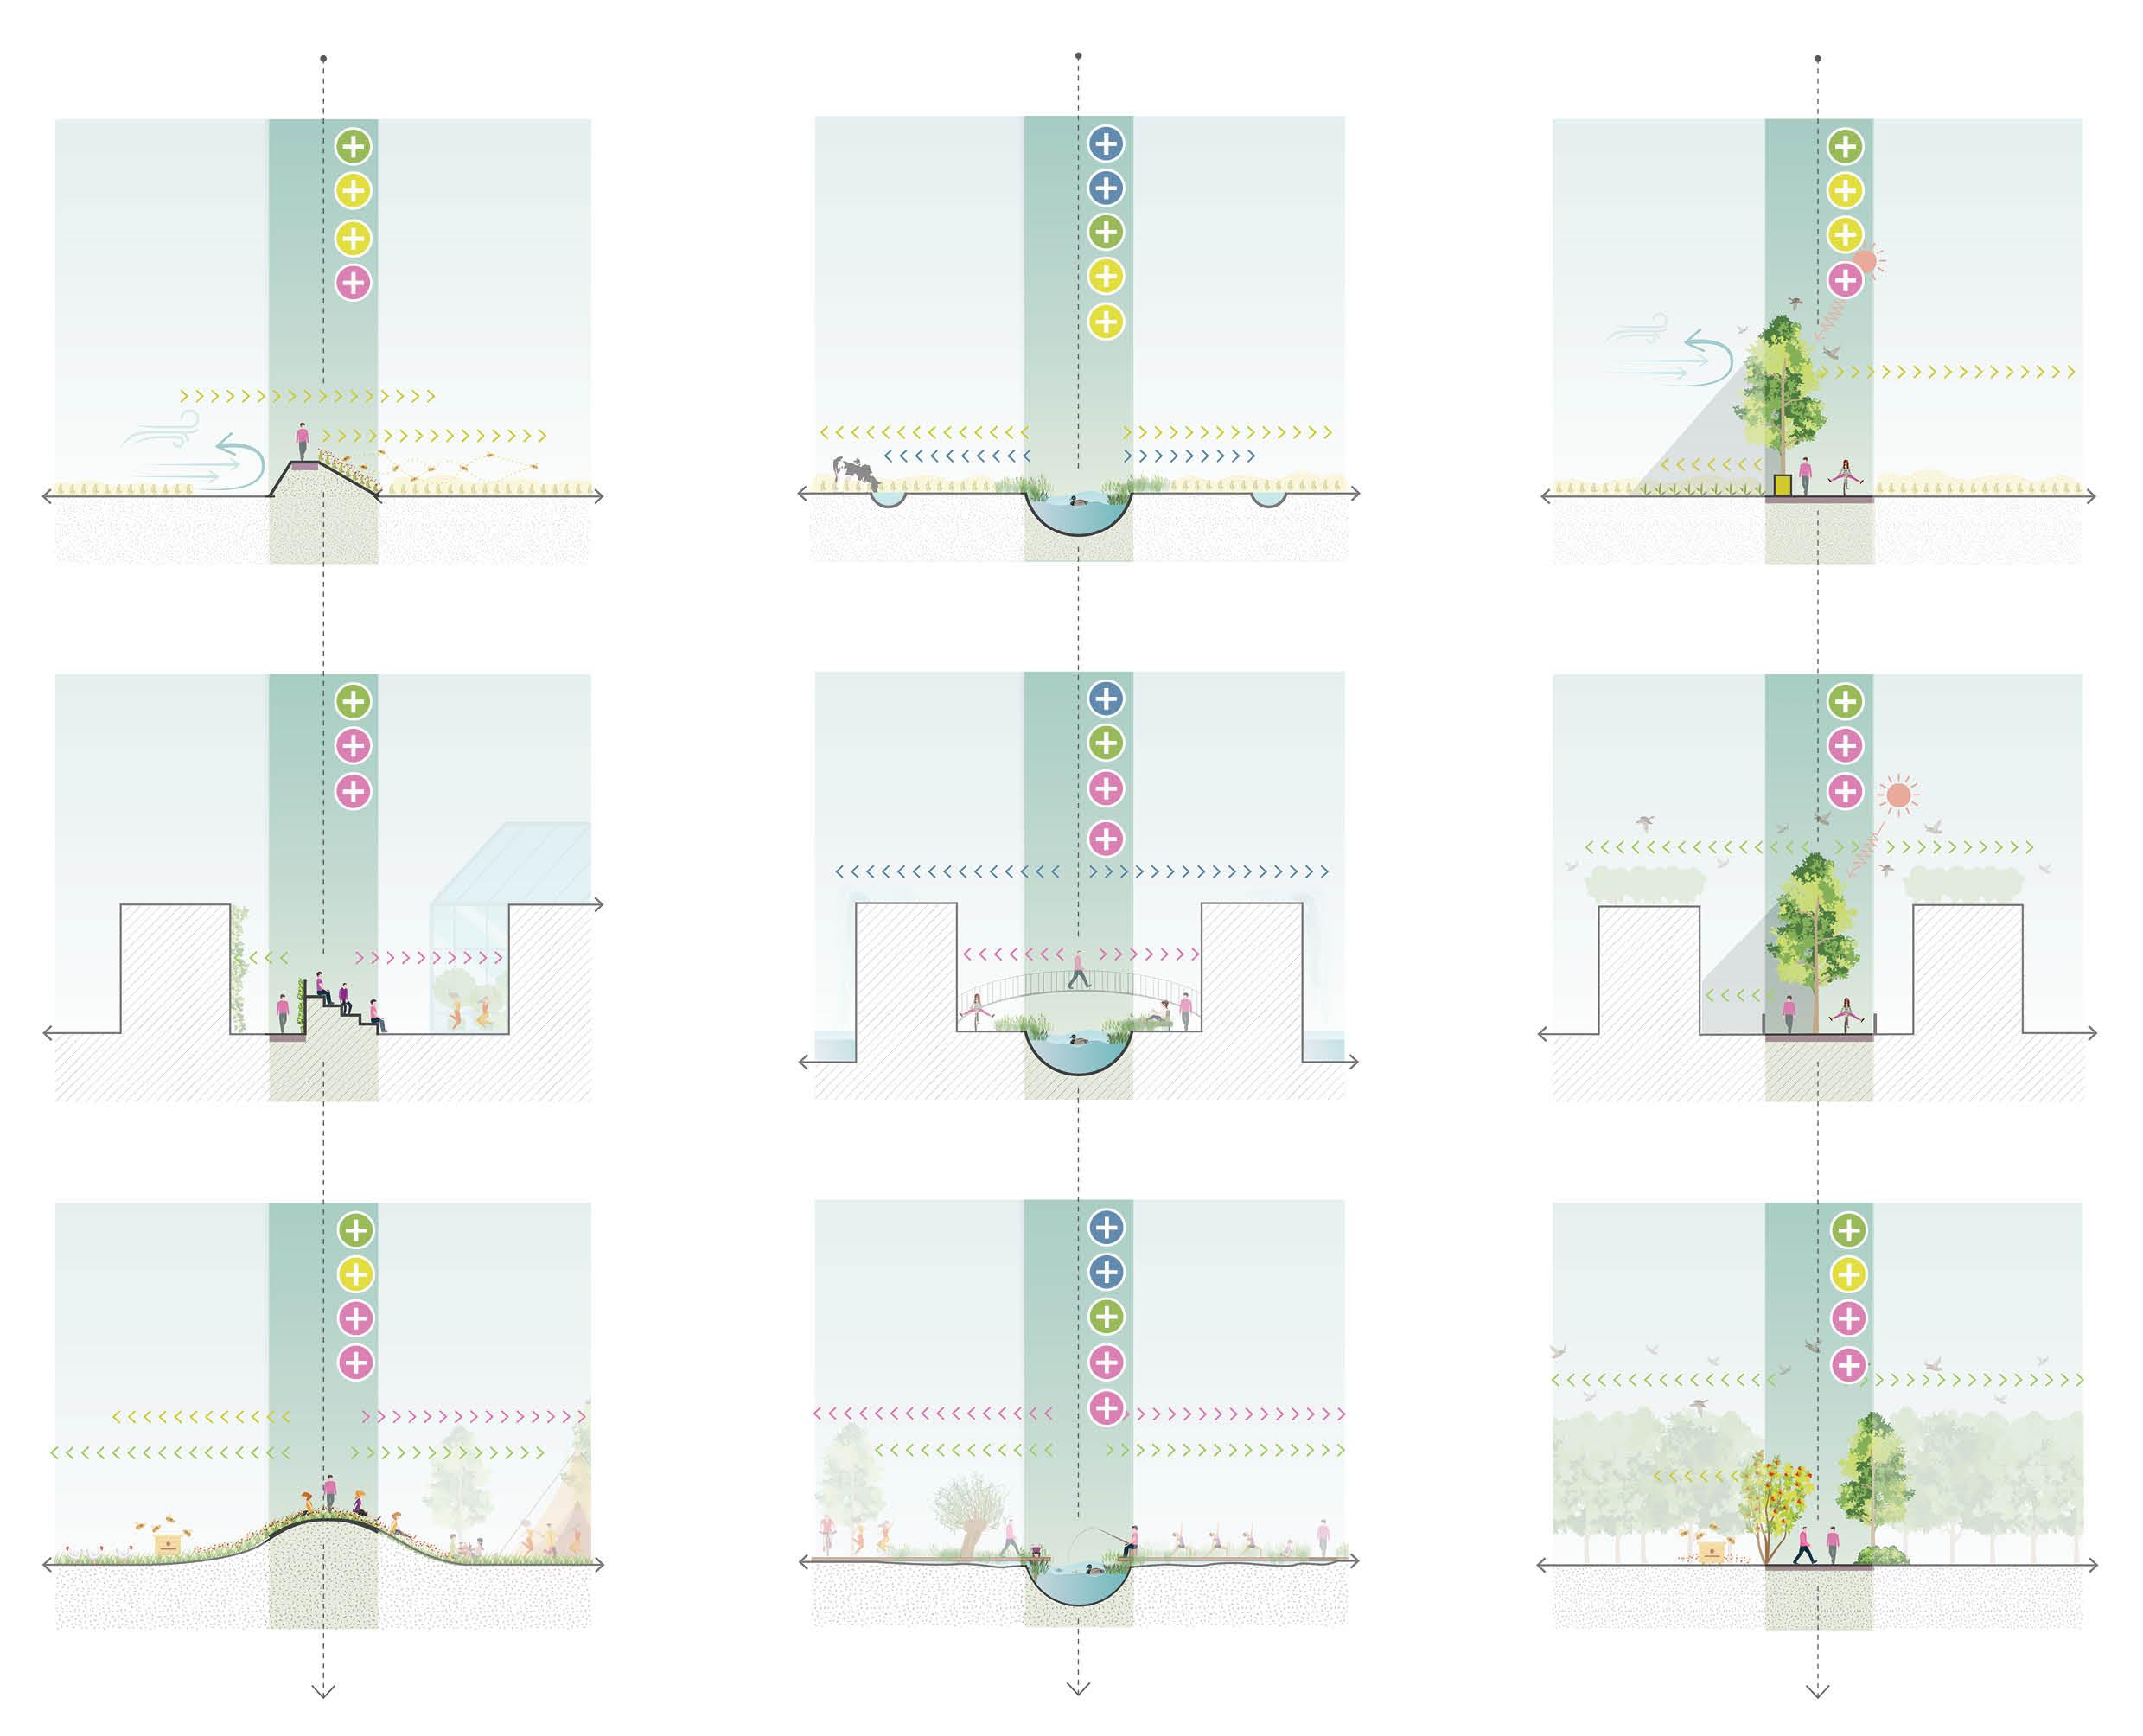 <p>Verbonden Landschap – Het 'hybride landschap' werkt als een verbonden gebied. Nieuwe lineaire landschapsstructuren omlijsten de verschillende percelen, terwijl ze het buitengebied verbinden met het centrale park en de stedelijke zones. Ze bouwen verder op de traditie van dijken en kanalen die beeldbepalend zijn voor de Nederlandse steden en plattelandsgebieden. Ze combineren een ruimtelijke en functionele rol. Als een 'conditioneringsraamwerk' ondersteunen ze het functioneren van de percelen die ze omkaderen. Ze dragen bij aan de vruchtbaarheid en het waterbeheer van landbouwkavels, bieden schaduw en waterinfiltratiemogelijkheden in de bebouwde zones, of combineren ecologische waarden met recreatief gebruik in het park. </p>